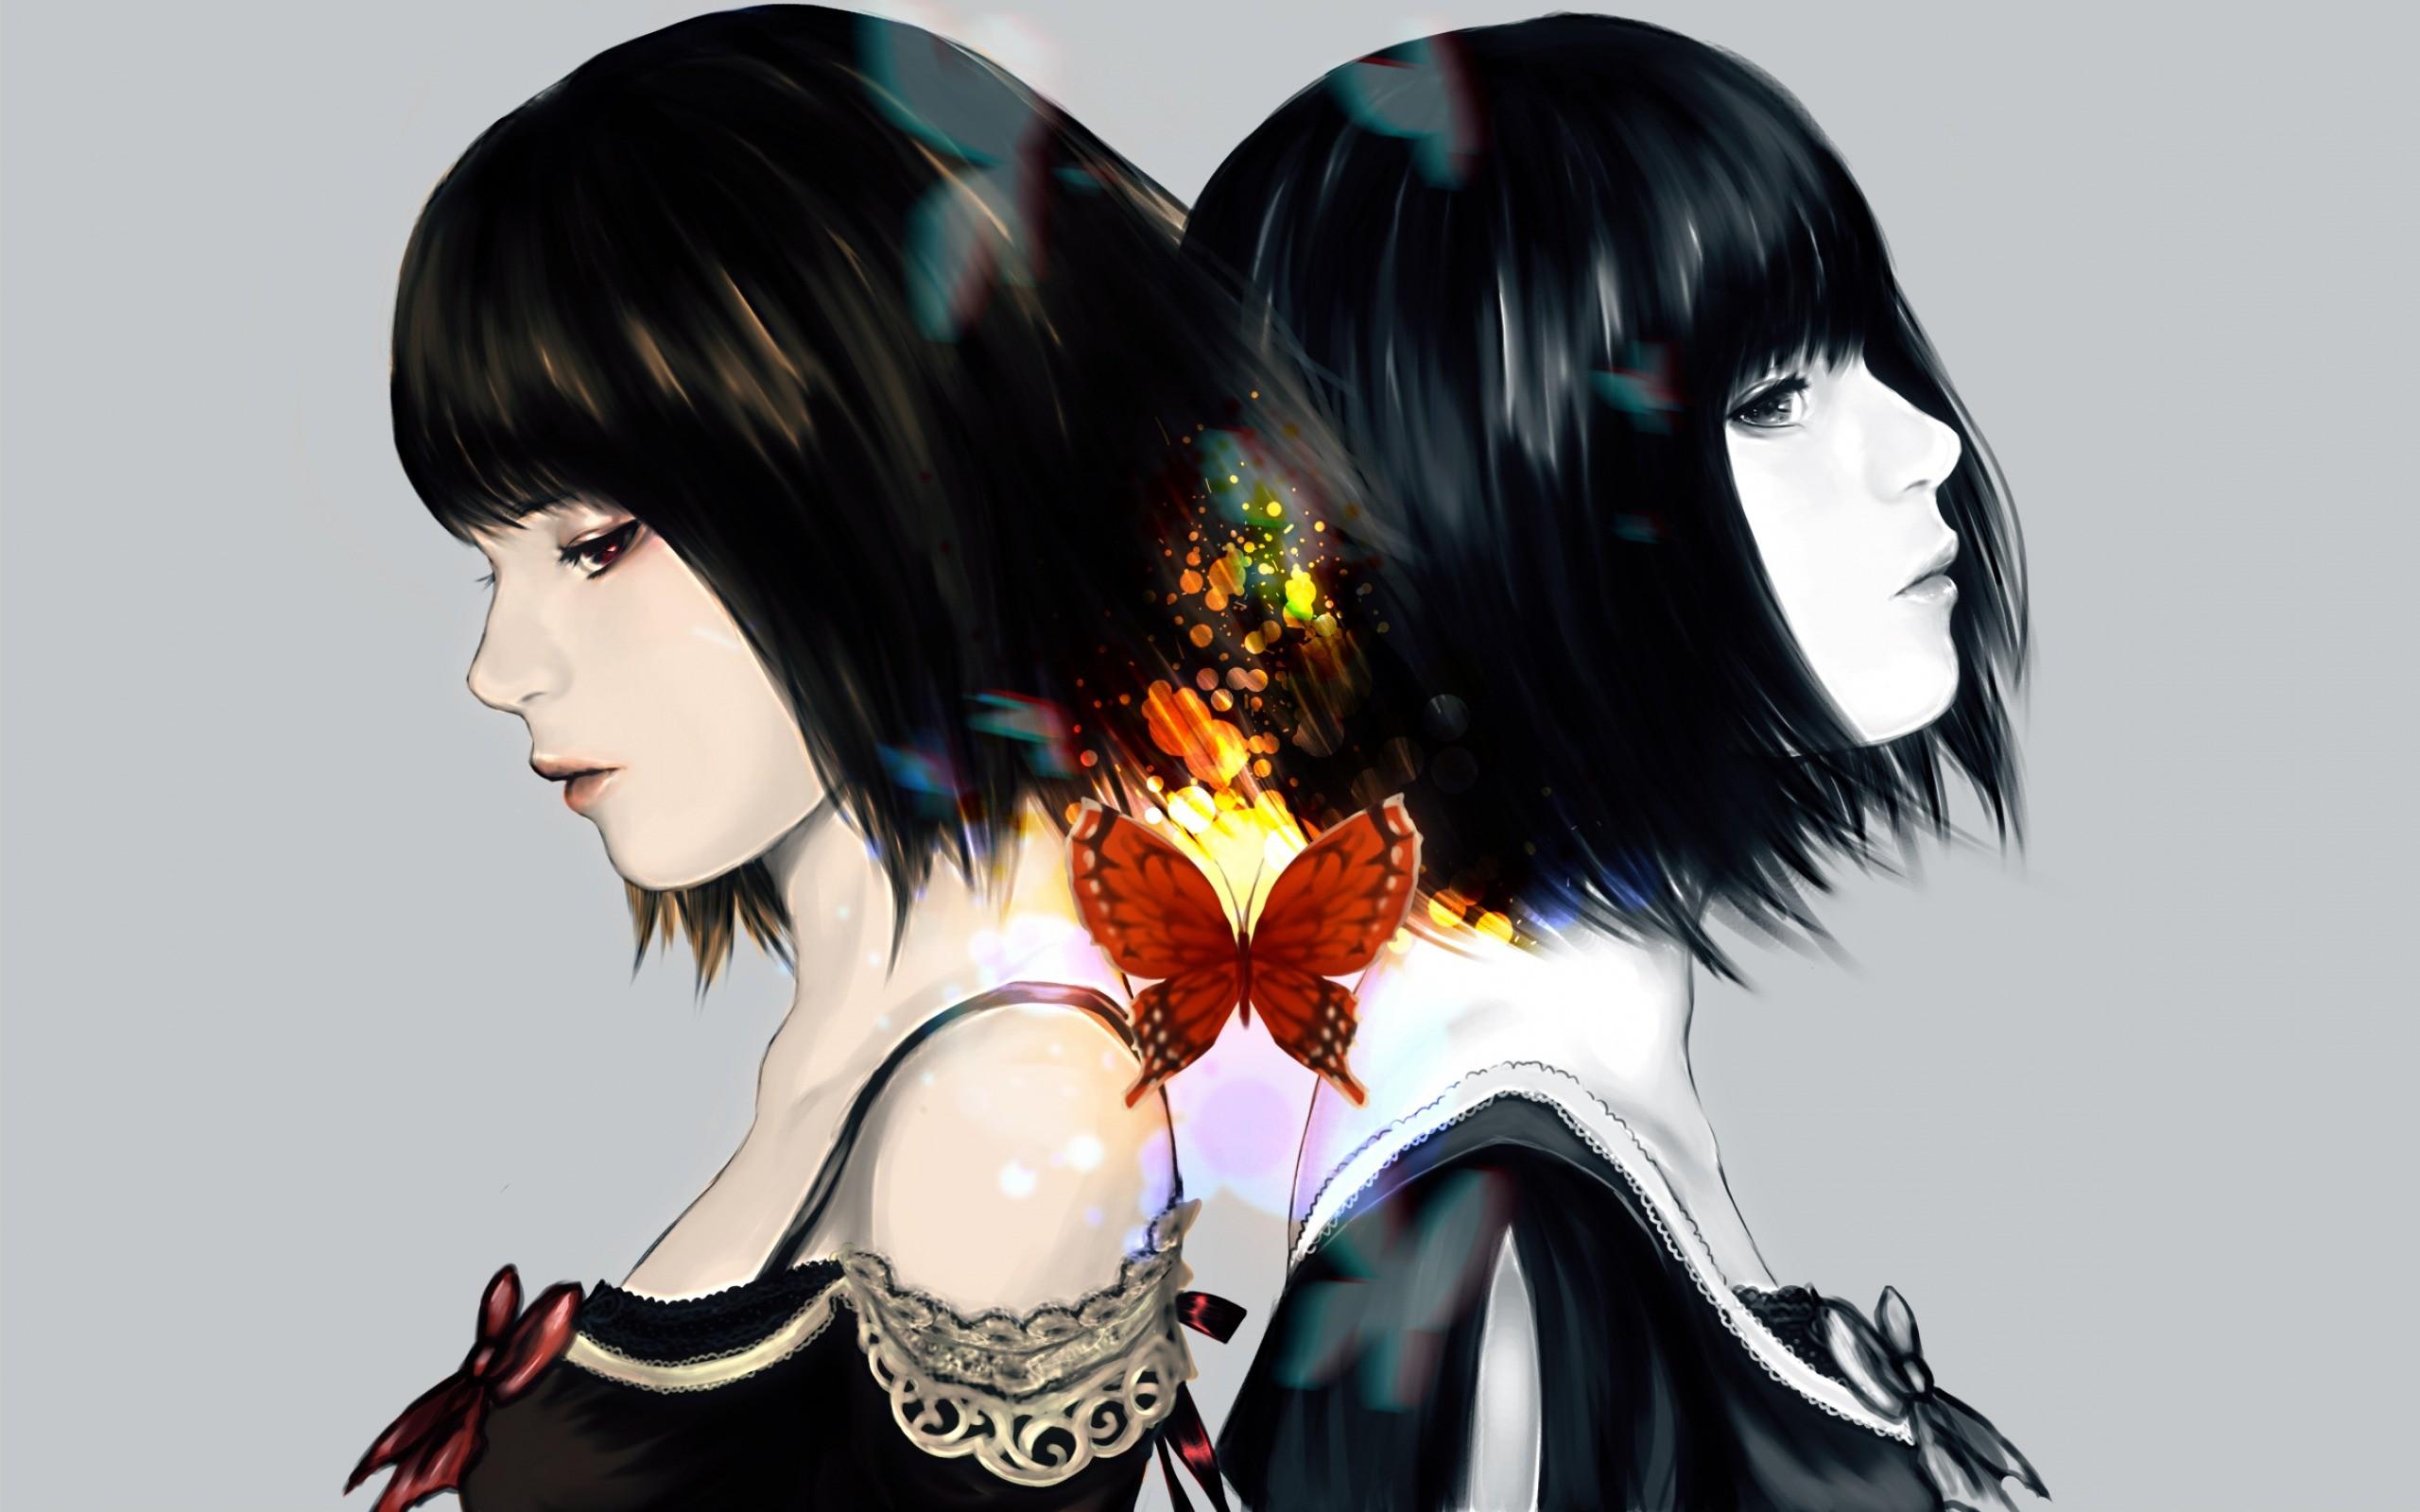 Dibujo de chicas de anime - 2560x1600